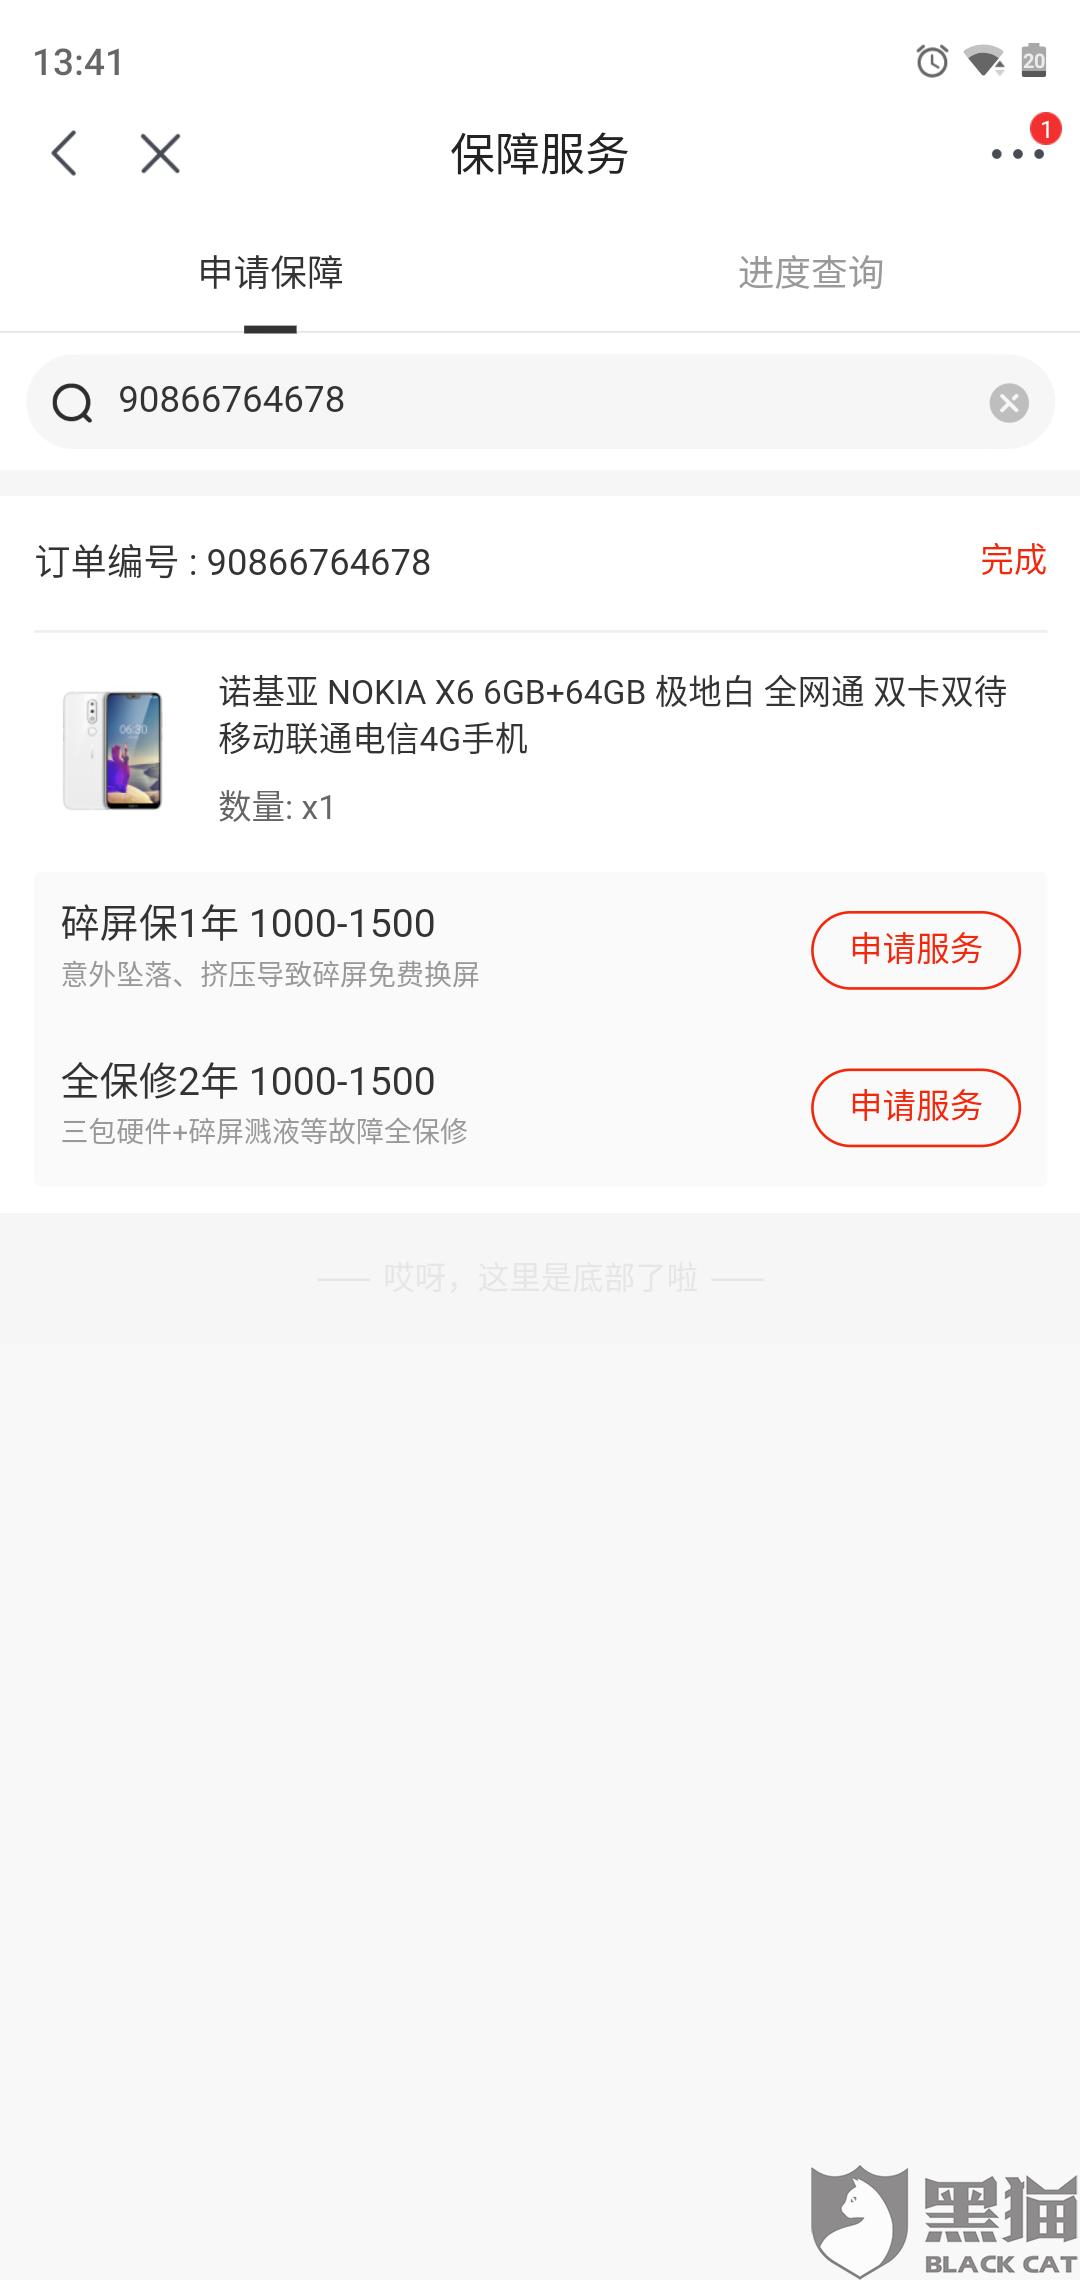 黑猫投诉:诺基亚X6尾插板故障无法充电